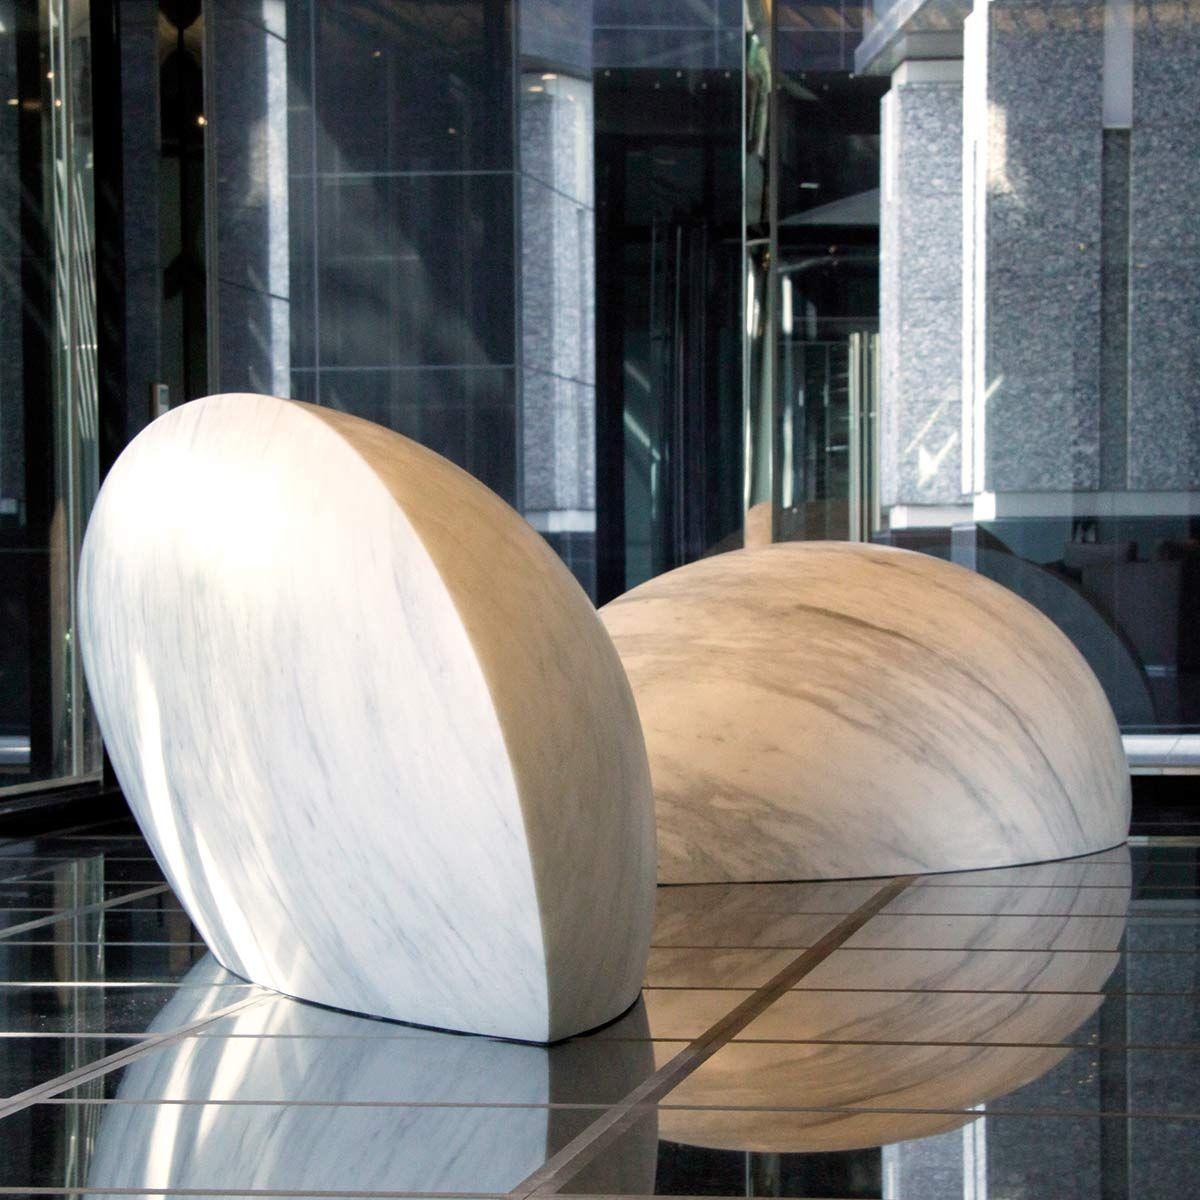 Duet Duet Sculpture Decor